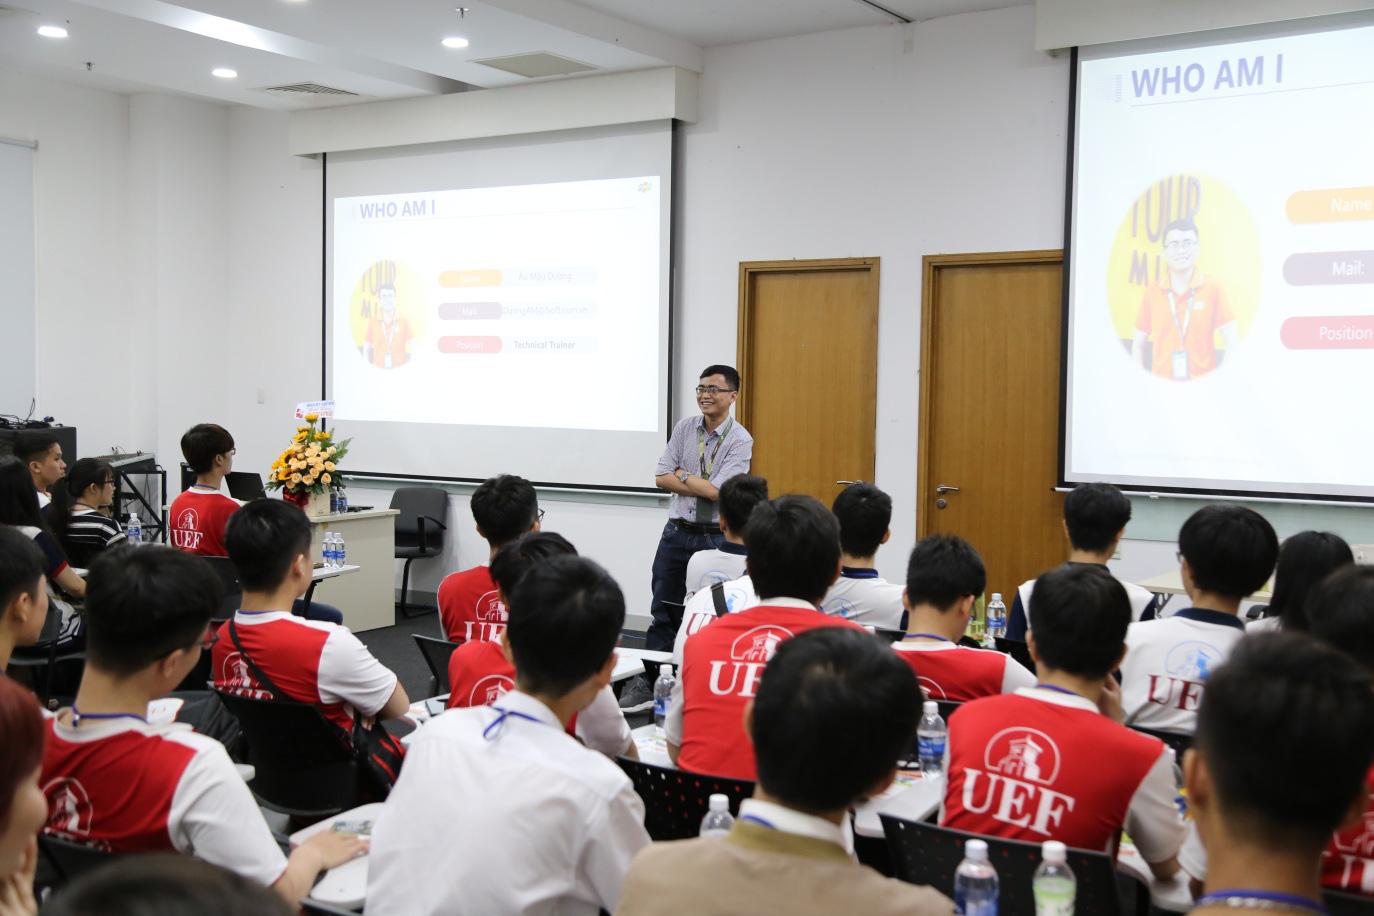 Đón bắt xu hướng nghề nghiệp thời 4.0 với ngành Khoa học dữ liệu tại UEF - Ảnh 1.